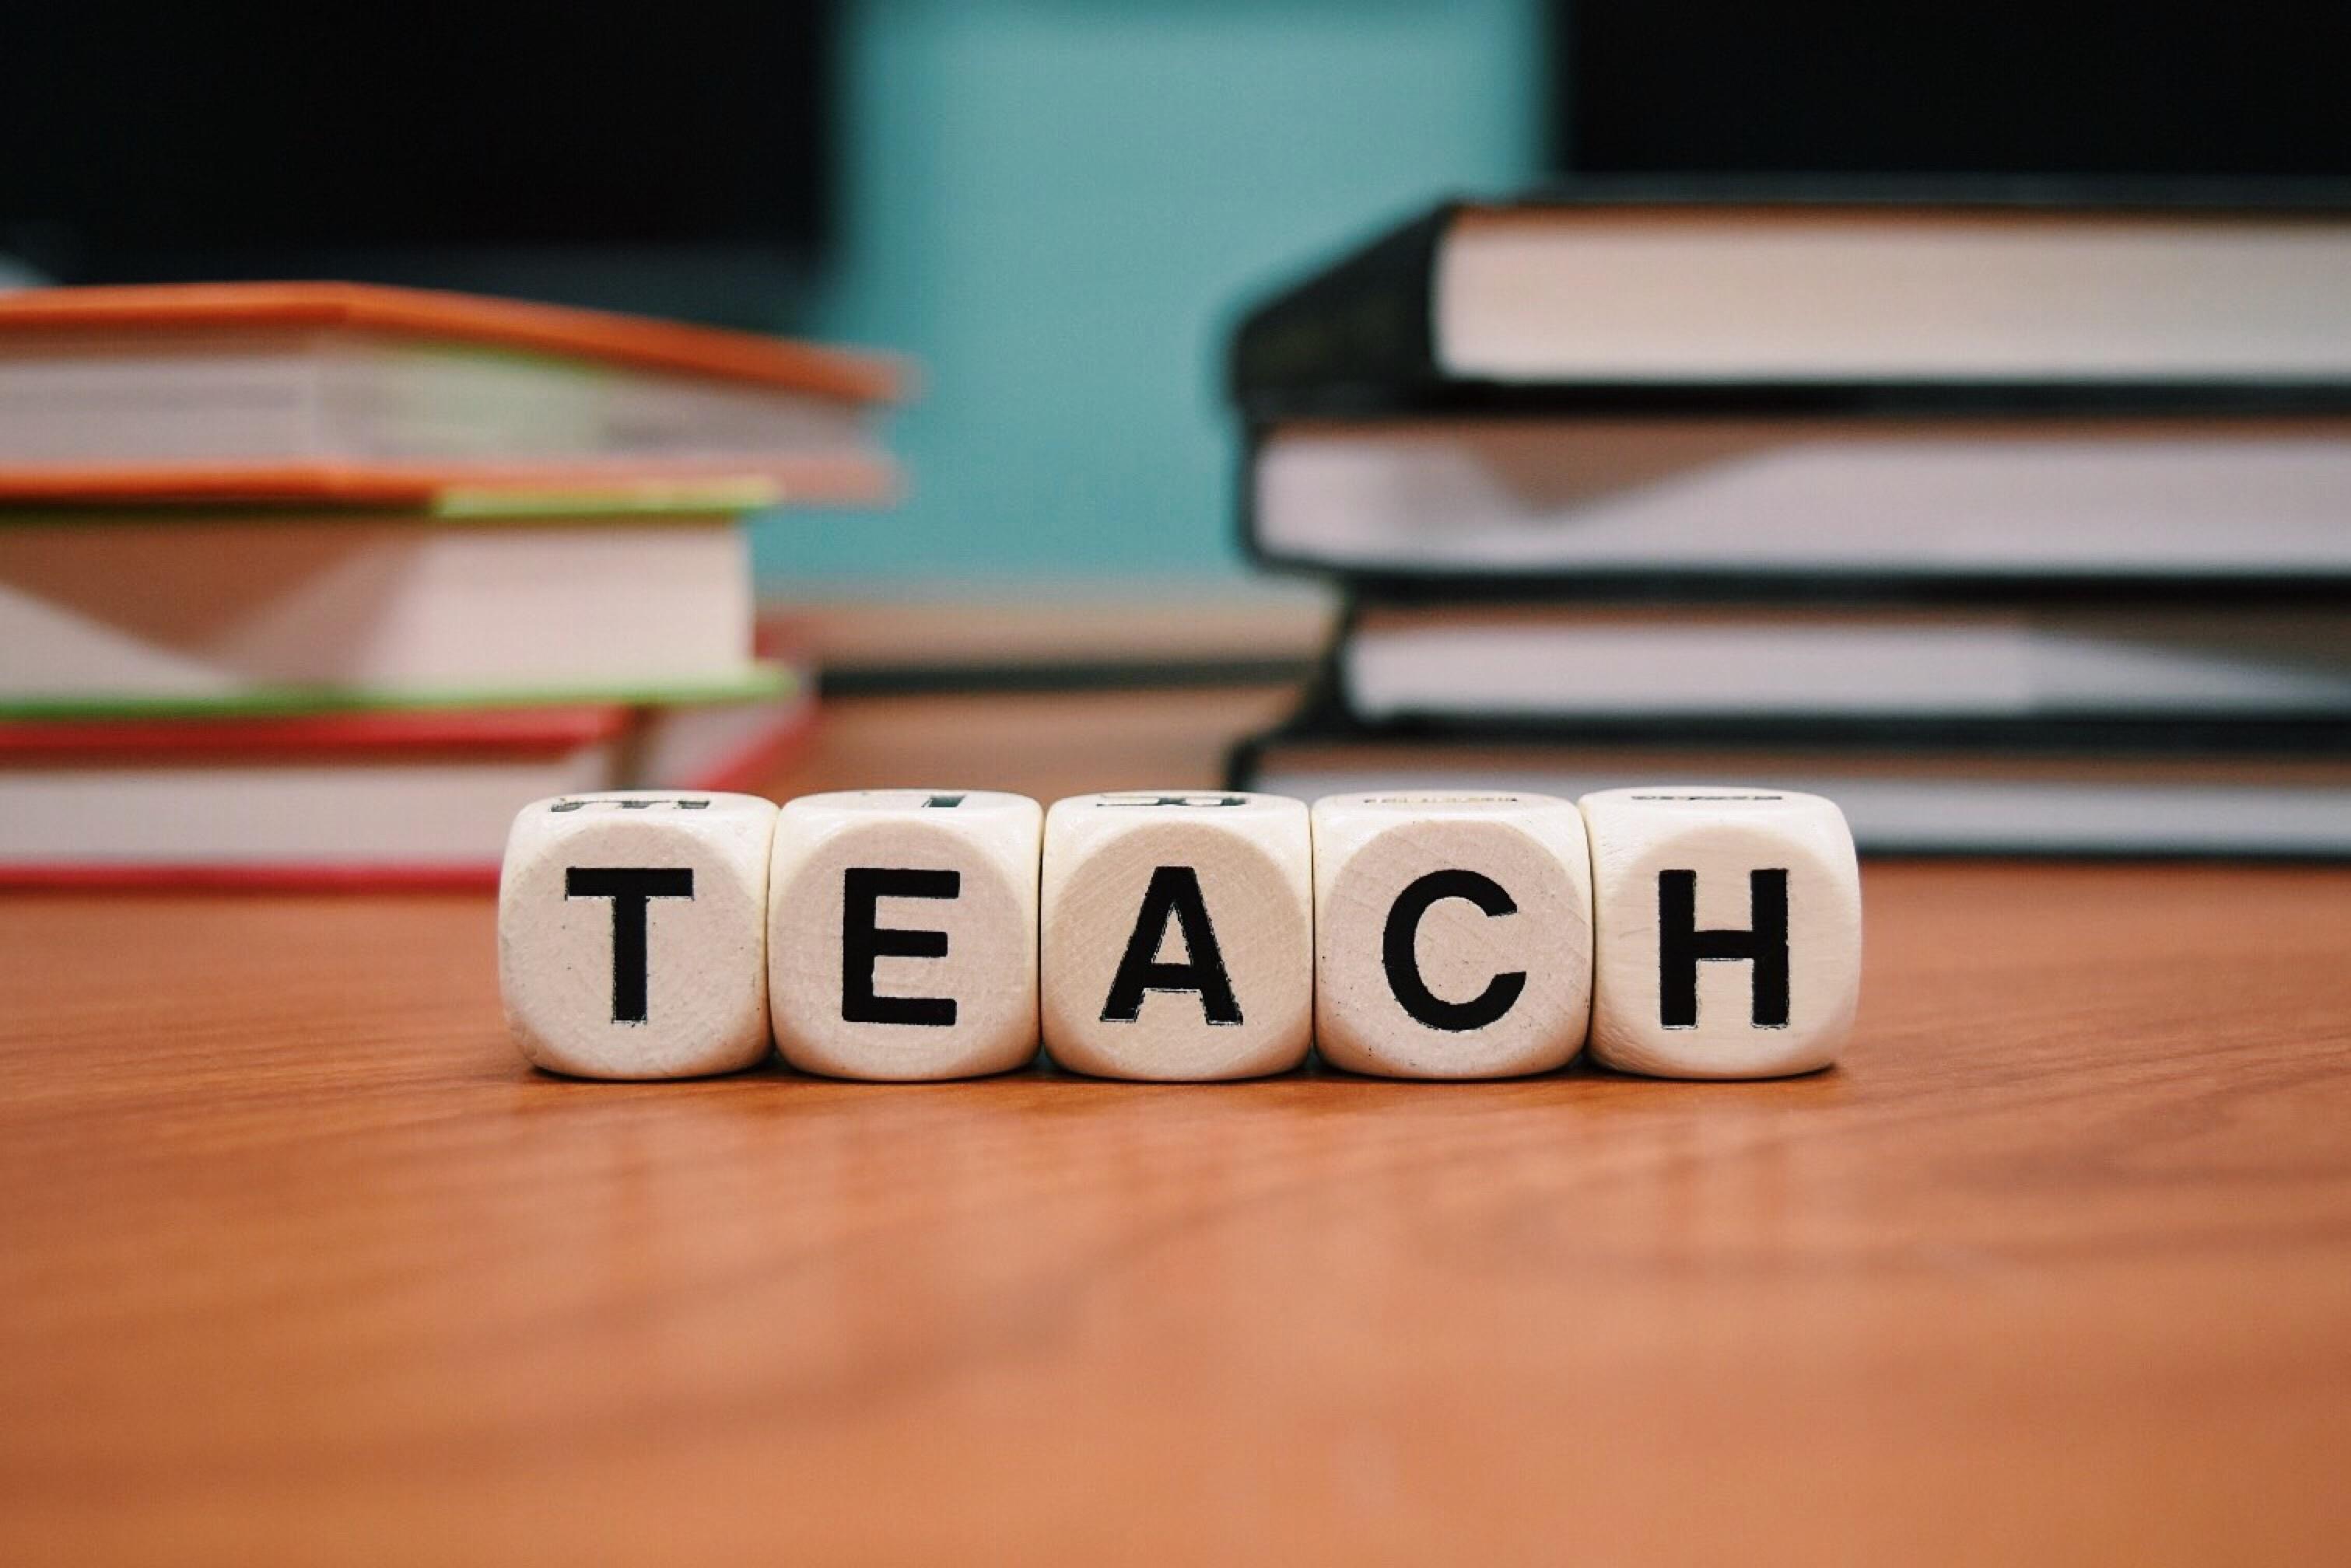 Teach Graphic